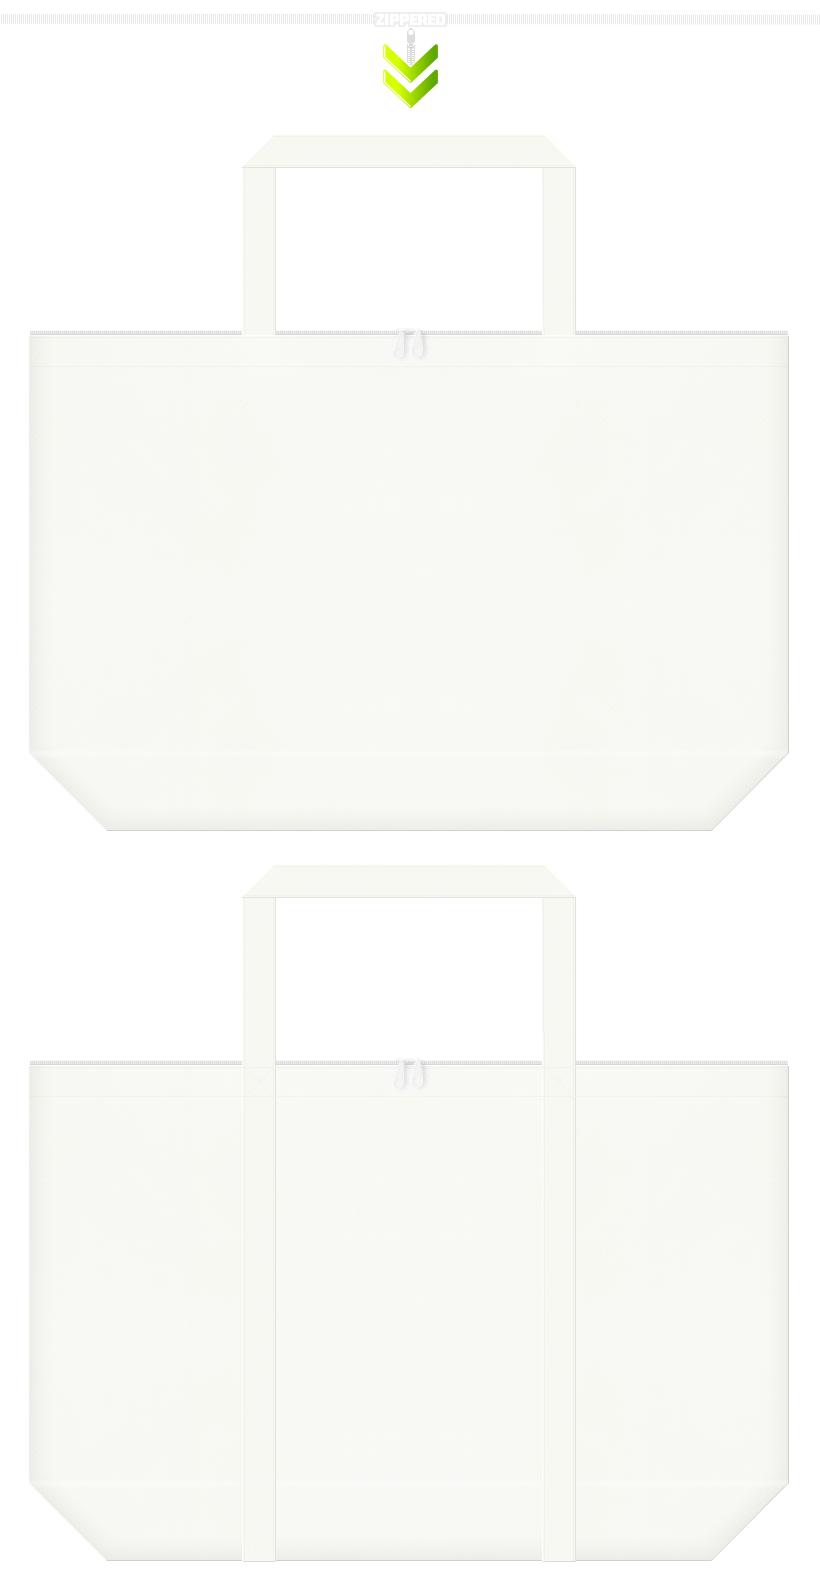 柔らか、ソフト、ナチュラルなイメージのショッピングバッグにお奨め!ファスナー付きのオフホワイト色不織布バッグ